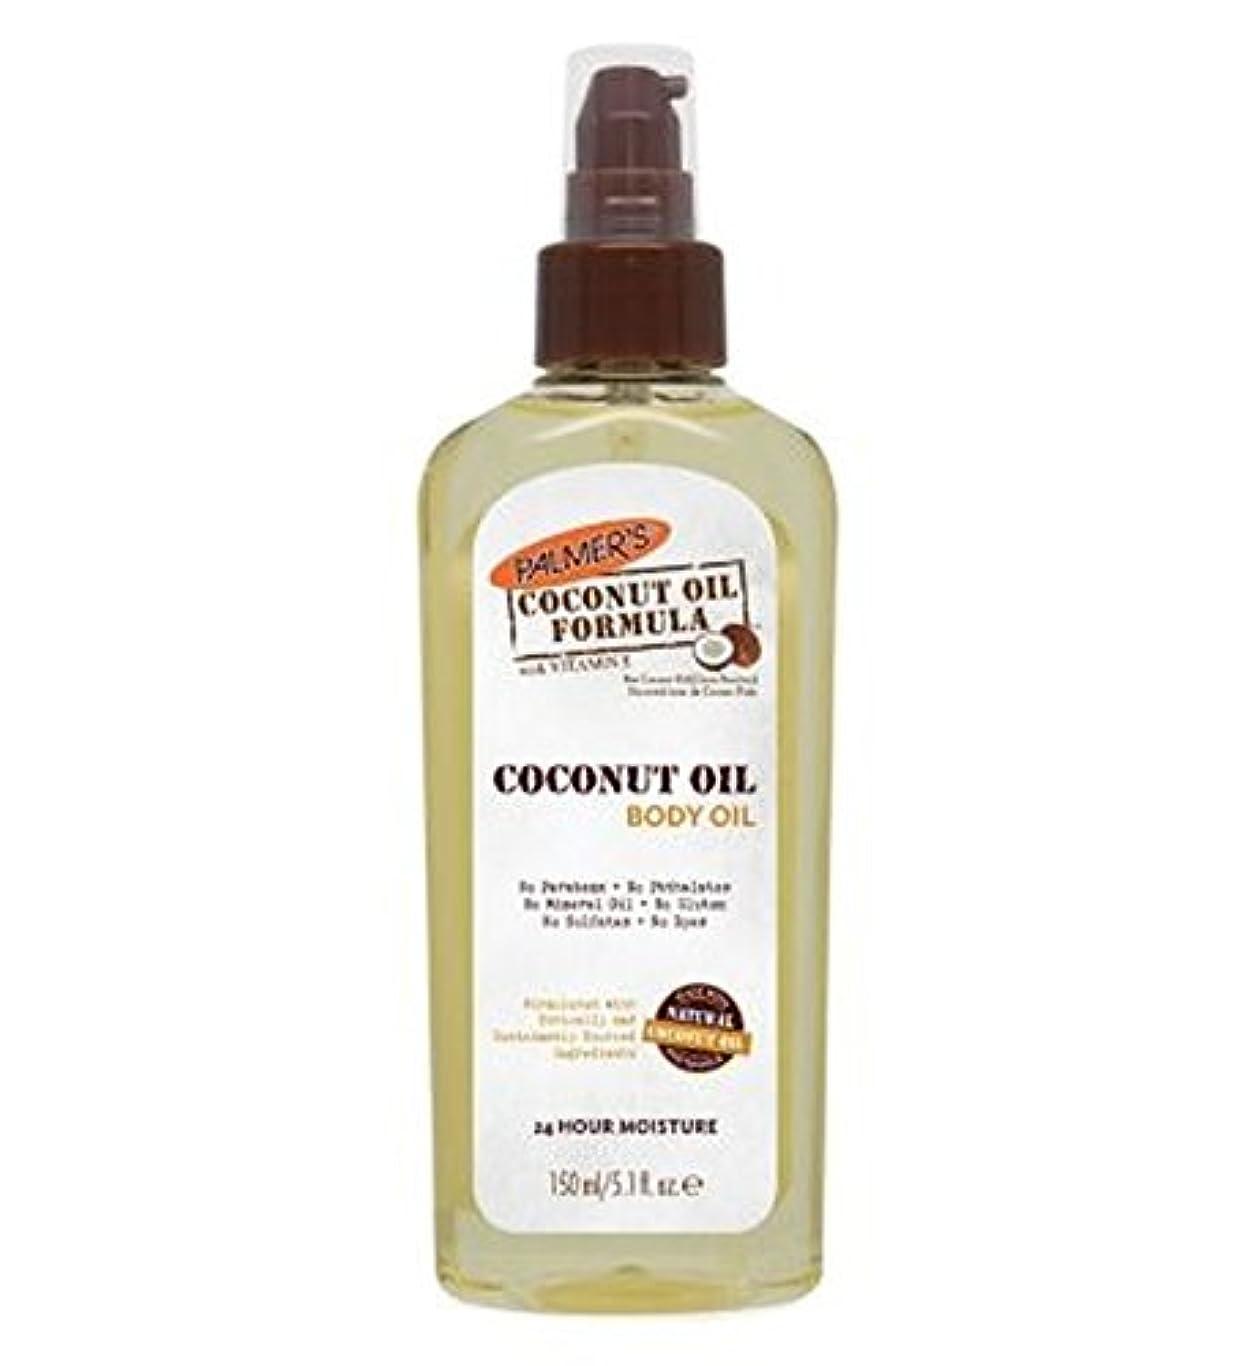 過剰任命累計Palmer's Coconut Oil Formula Body Oil 150ml - パーマーのココナッツオイル式ボディオイル150ミリリットル (Palmer's) [並行輸入品]